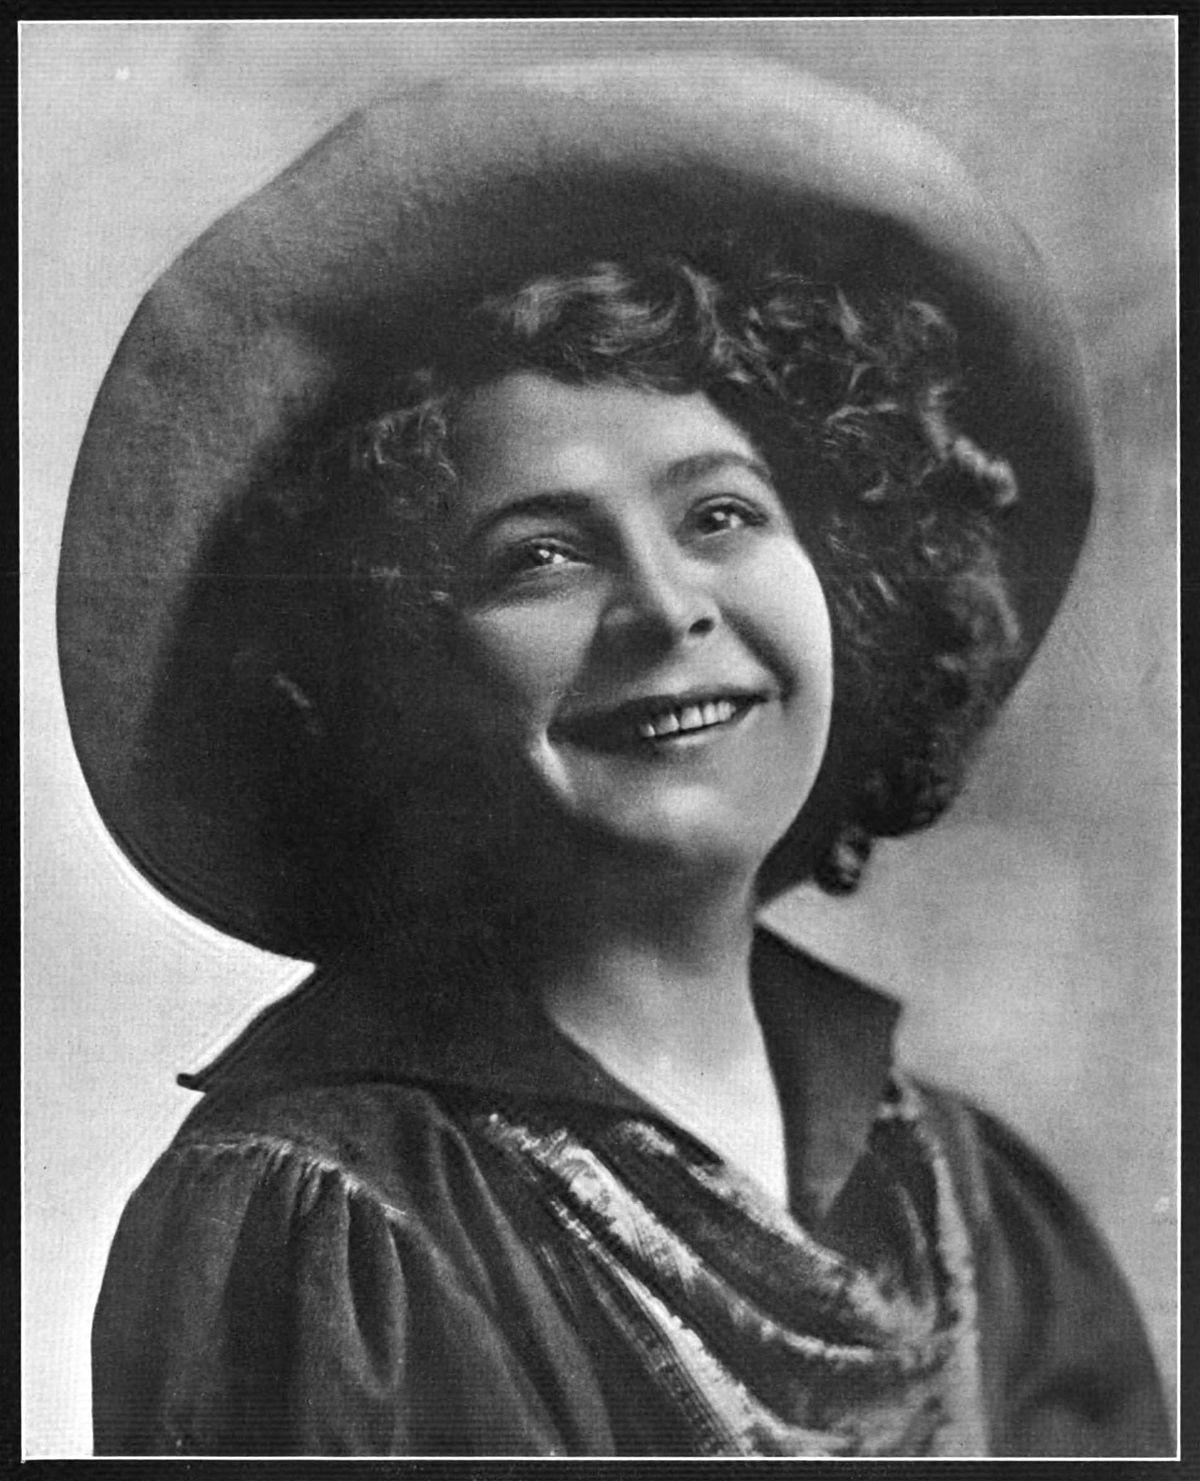 Mabel Barrison